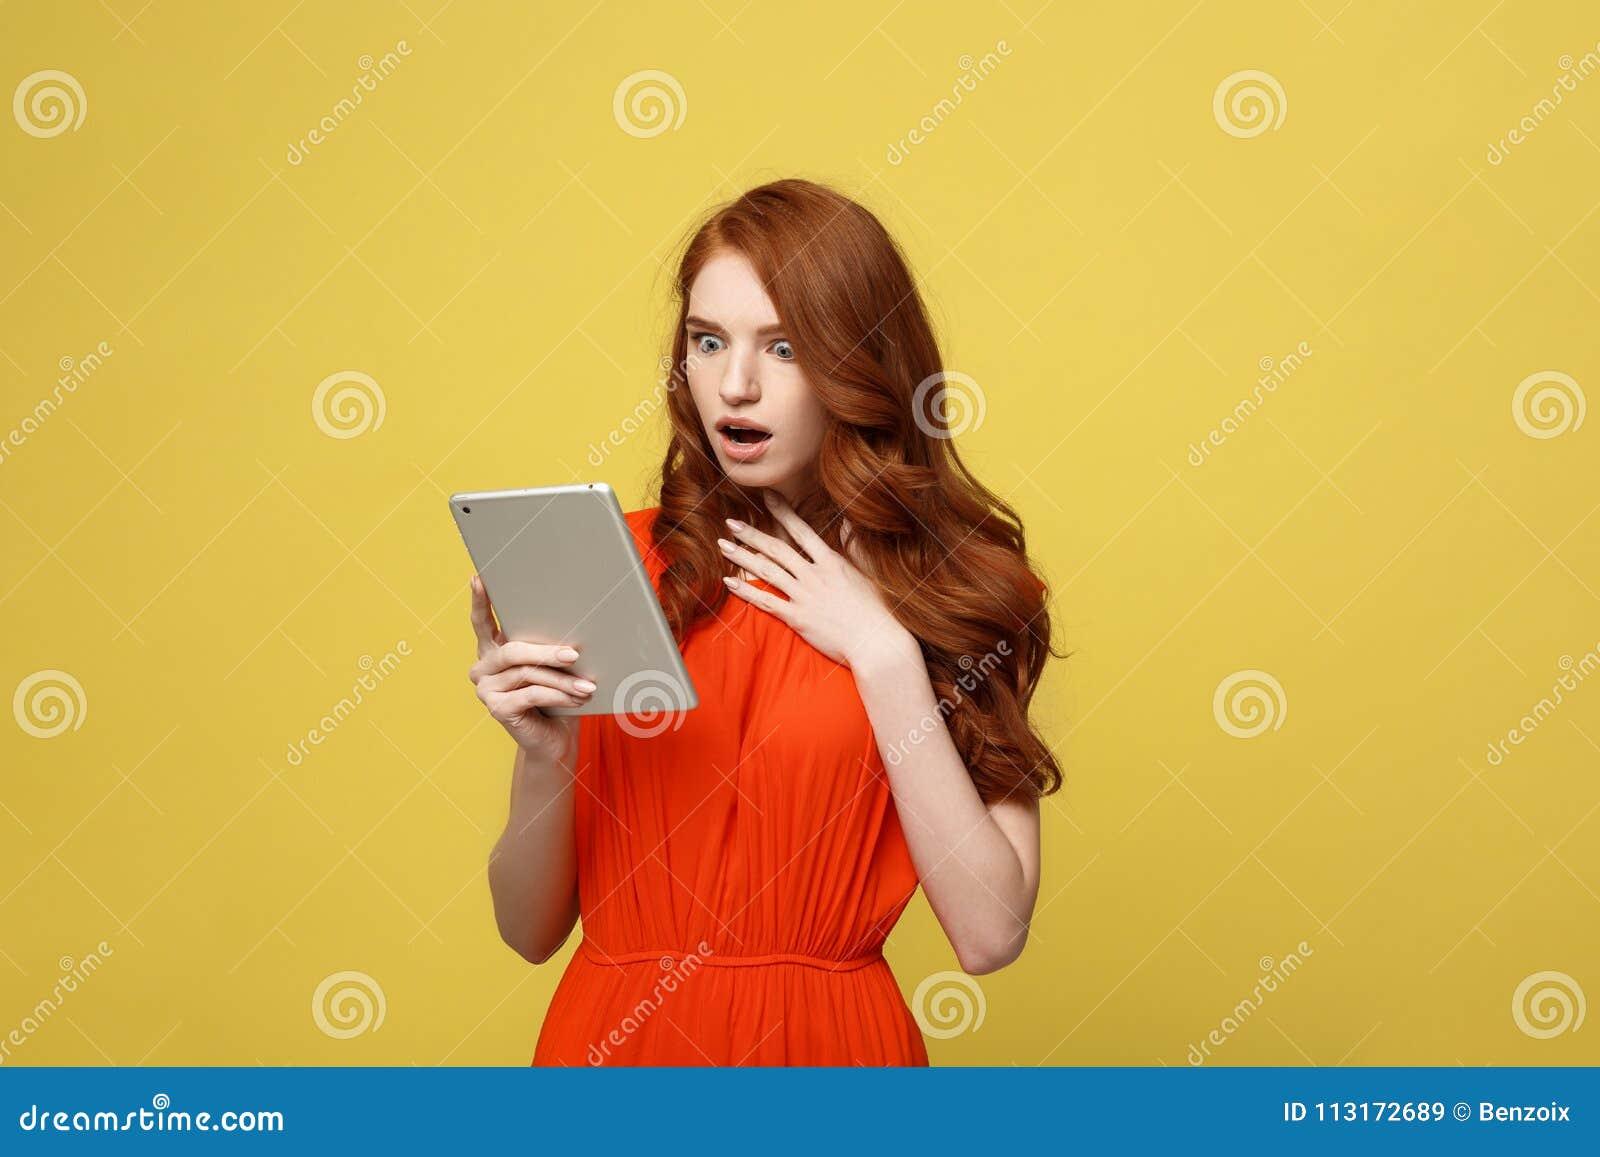 Technologii i stylu życia pojęcie: Zdziwiona młoda kobieta jest ubranym pomarańcze suknię odziewa używać pastylka komputer osobis